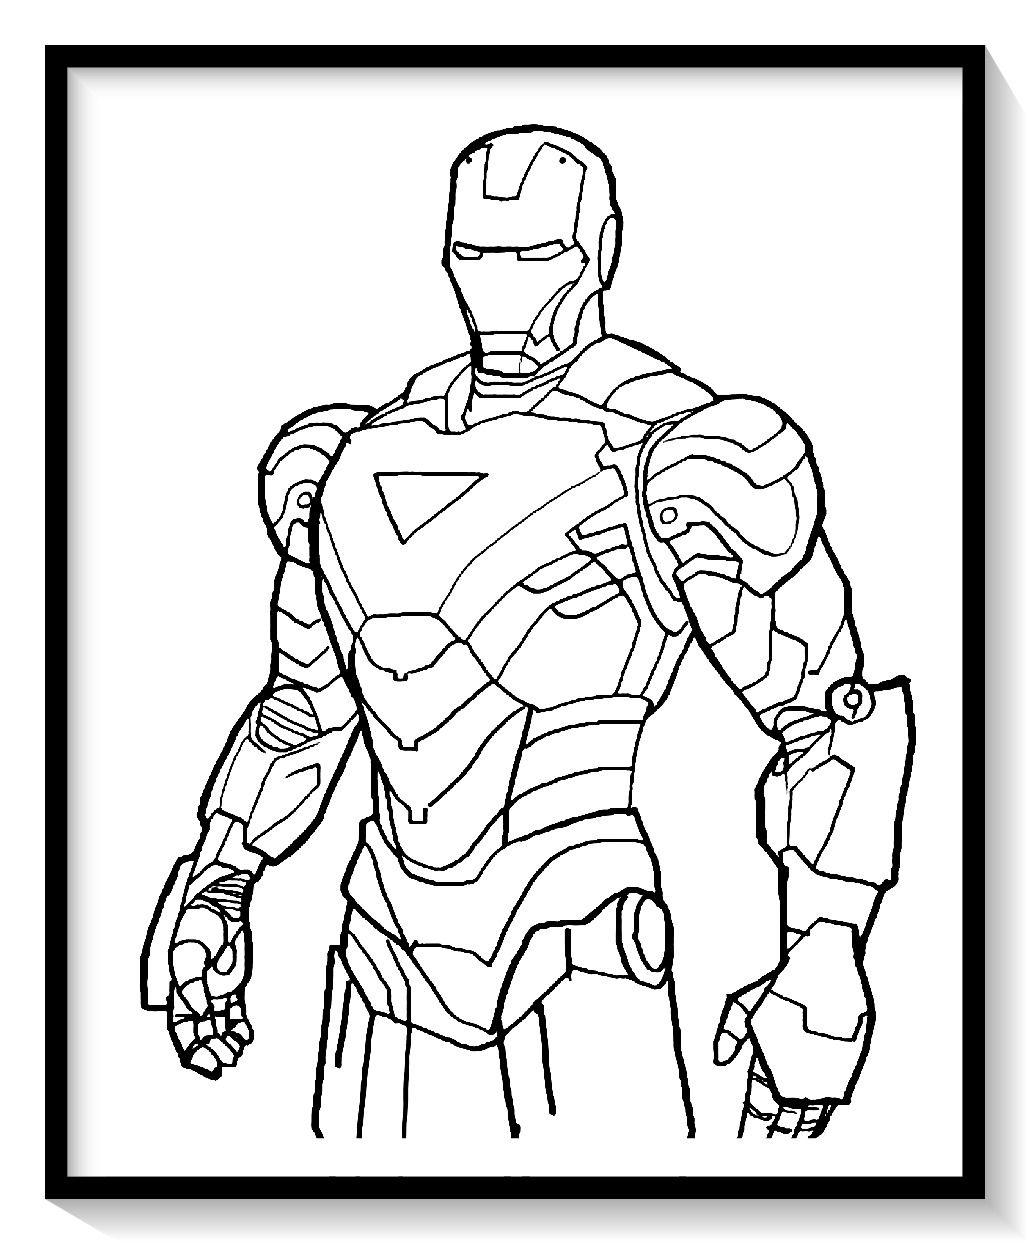 Dibujos De Iron Man Para Colorear En Linea Colorear E Imprimir Ironman Ironman Para Pi Iron Man Para Colorear Libro De Colores Iron Man Para Dibujar